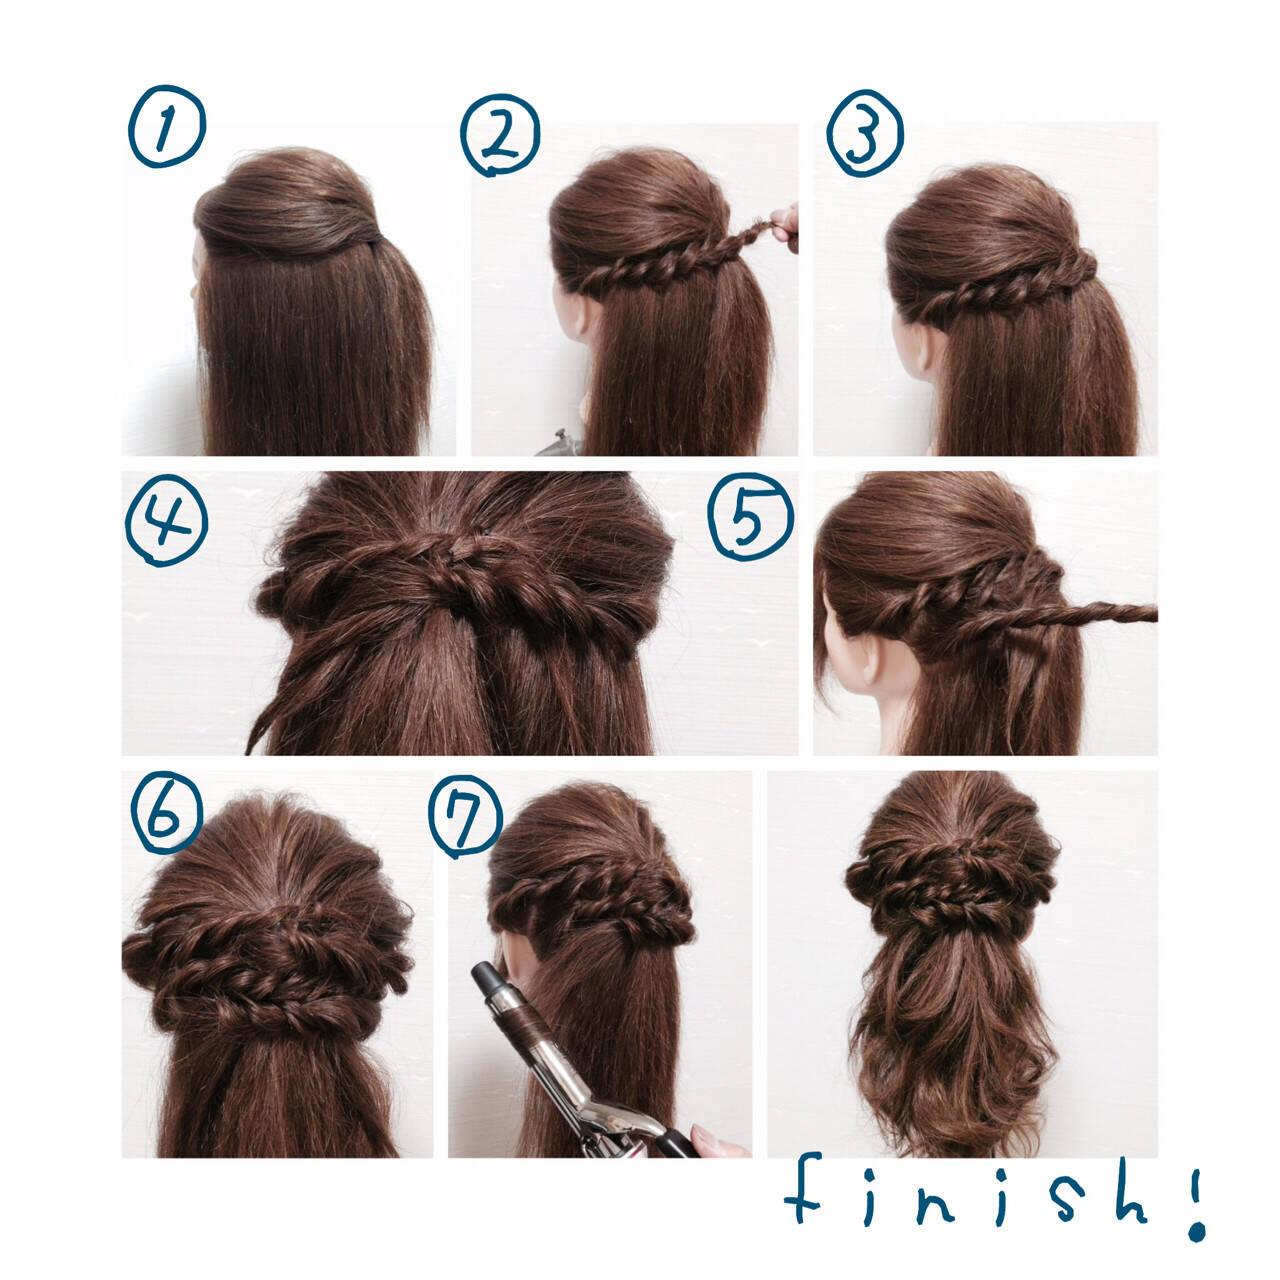 セミロング ハーフアップ ゆるふわ ヘアアレンジヘアスタイルや髪型の写真・画像